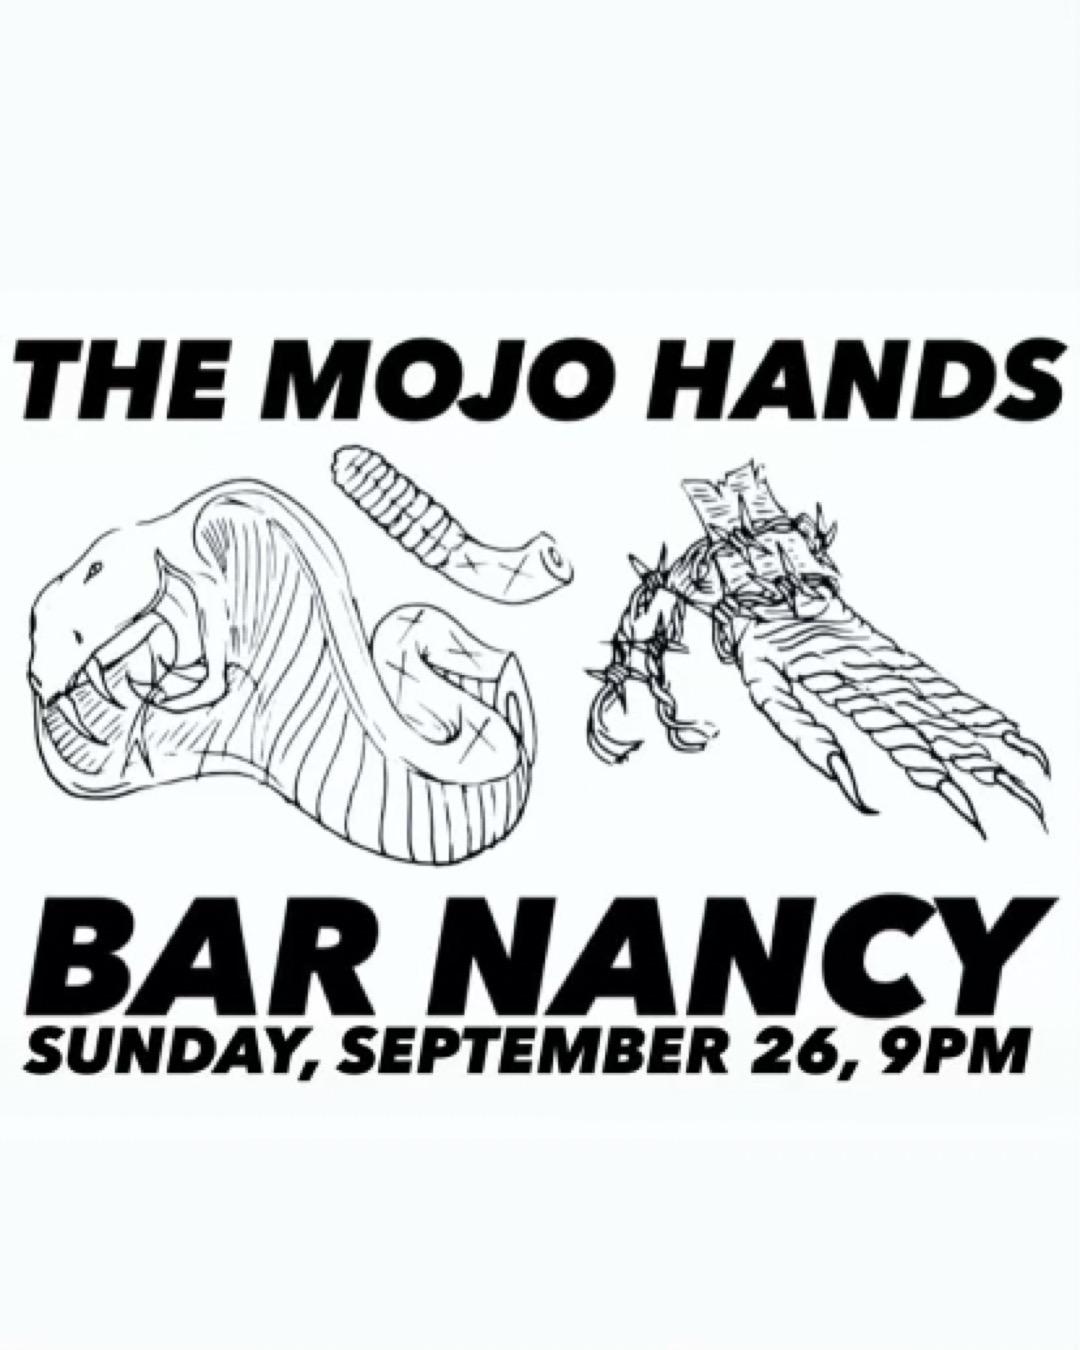 The Mojo Hands at Bar Nancy - Friday Sep 26 at 9PM